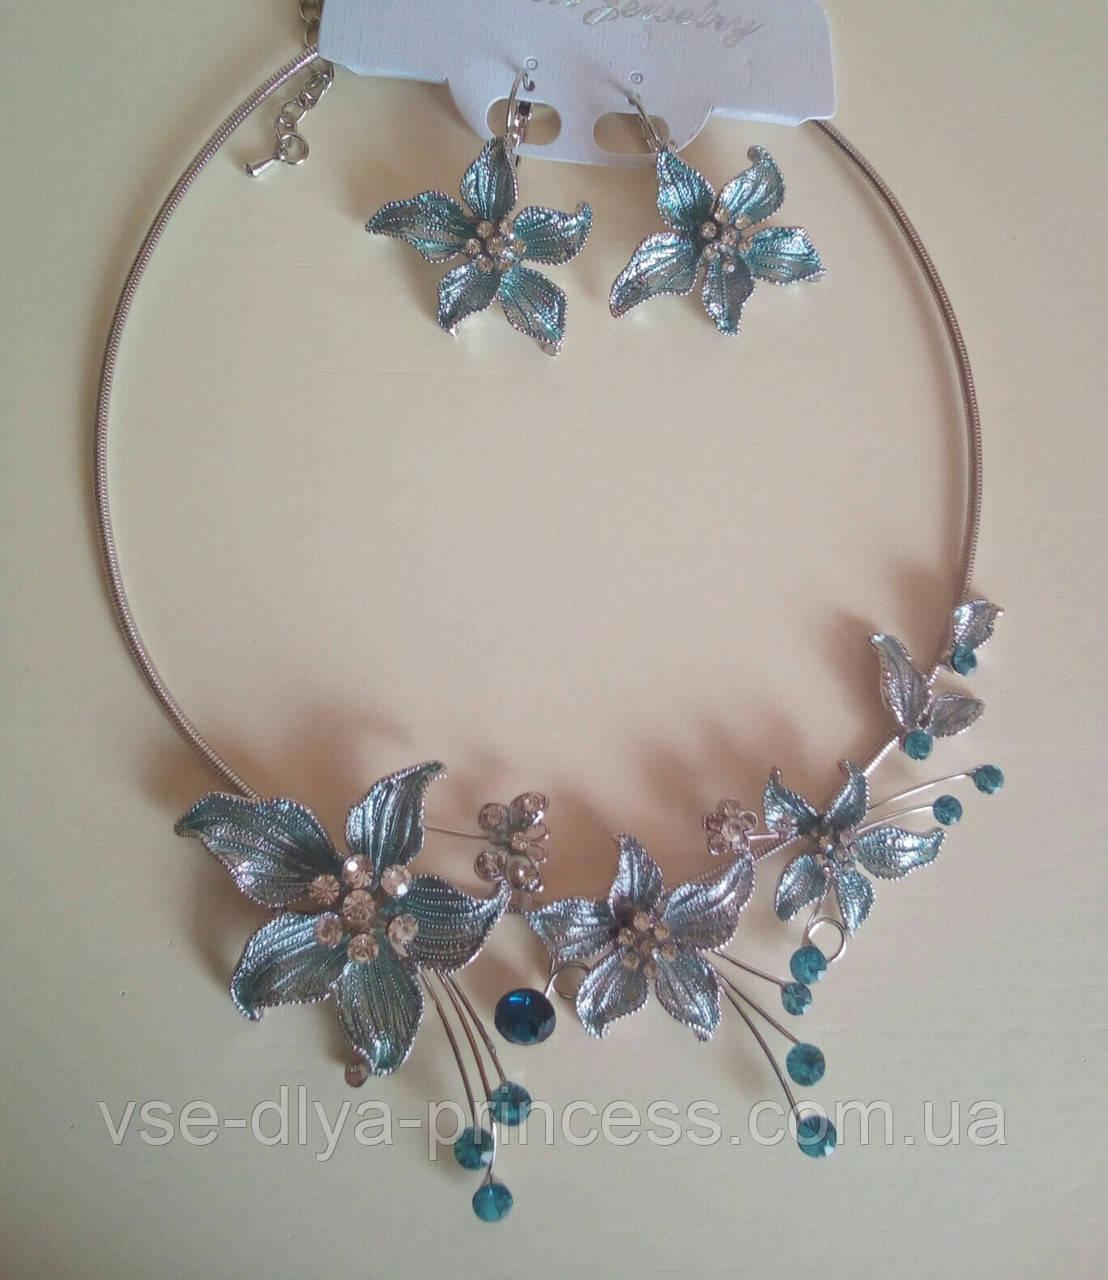 Набор бижутерии под серебро с голубыми цветами и разноцветными камнями, колье и серьги